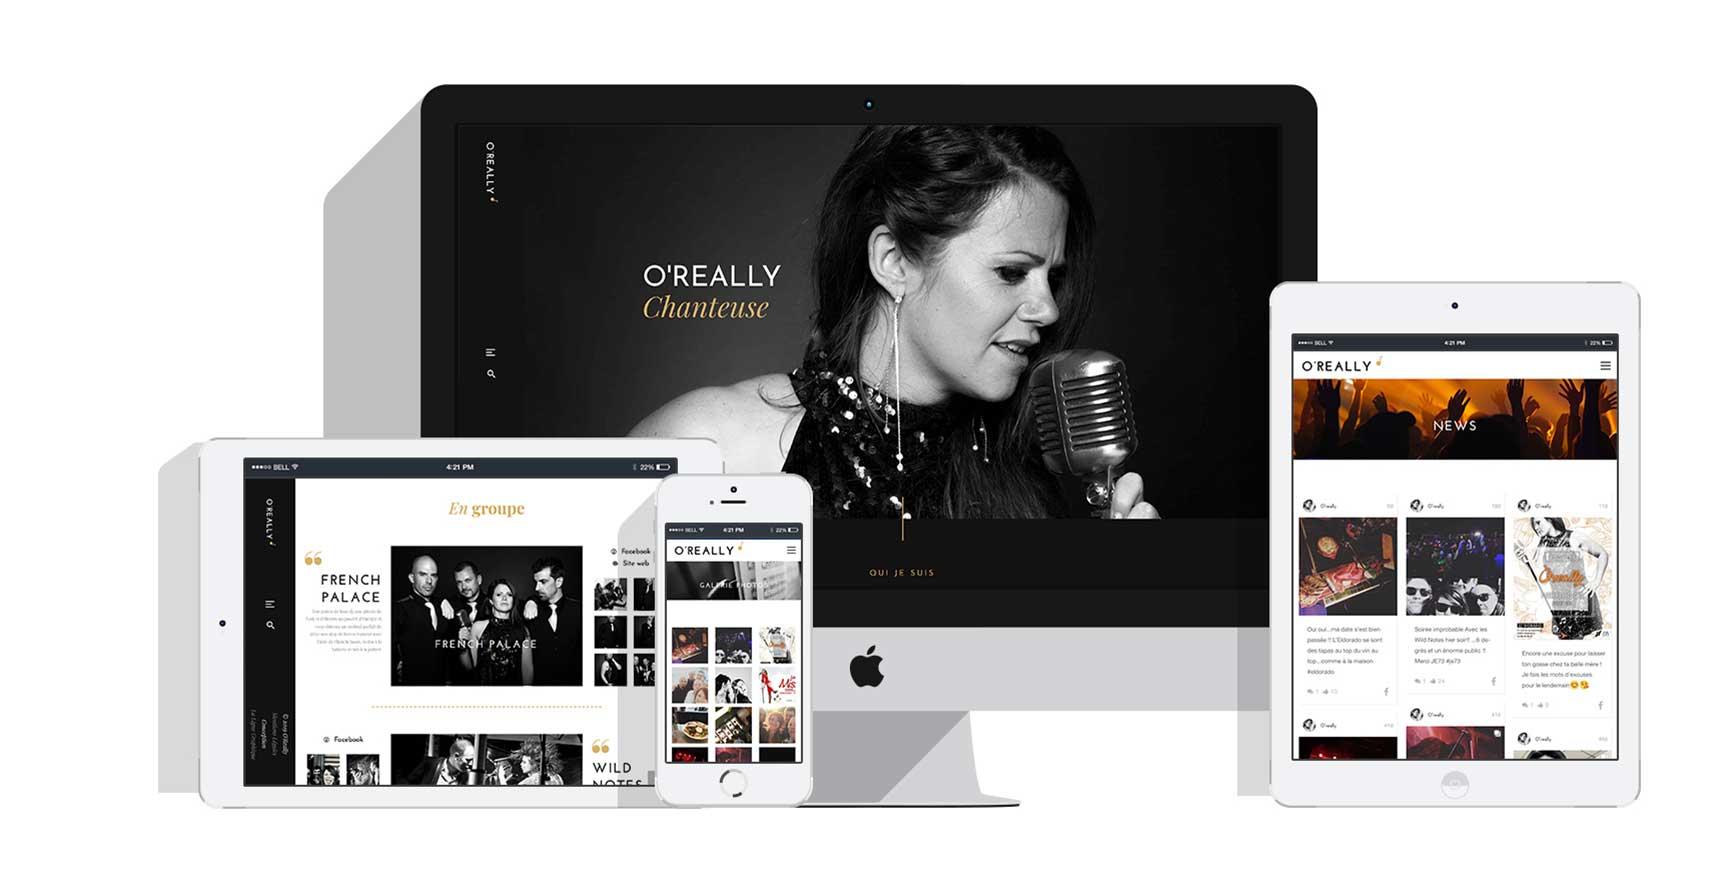 portfolio-oreally-aurelie-venet-1-florence-lau-la-ligne-graphique-graphiste-site-internet-infographie-webdesign-savoie-tarentaise-meribel-menuires-courchevel